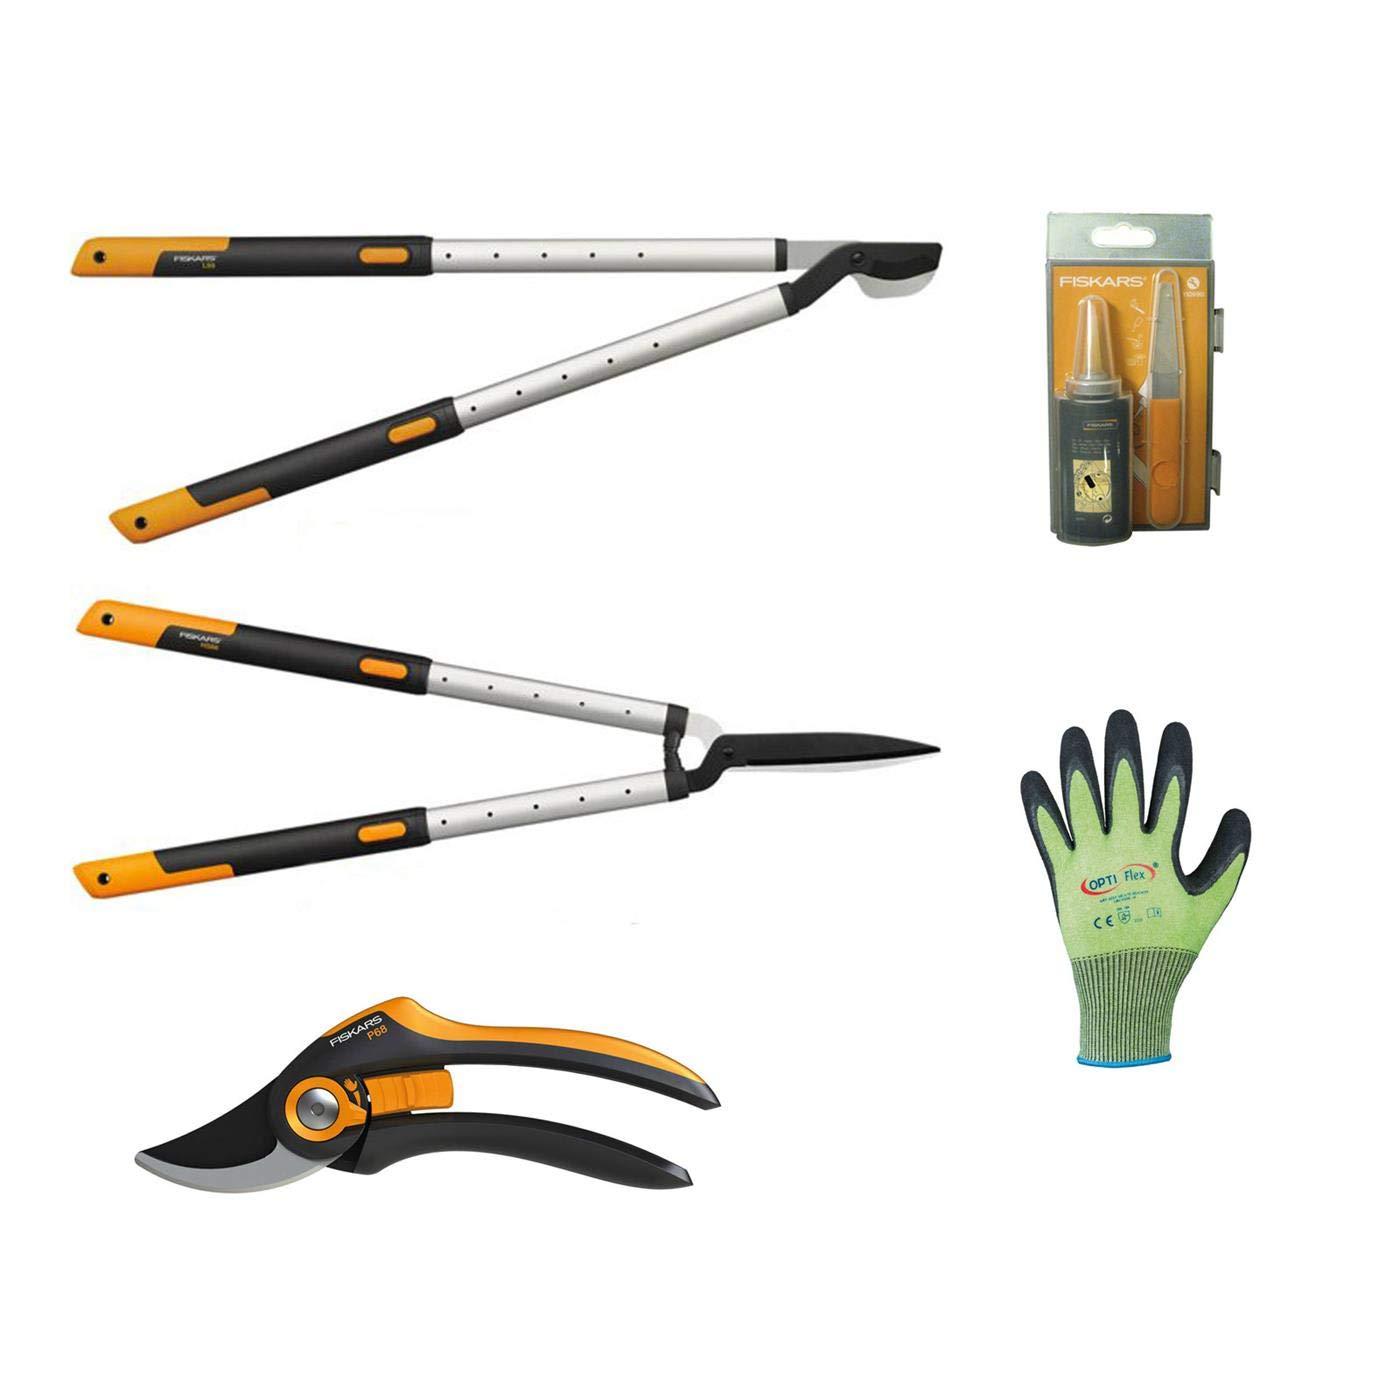 Fiskars Gartenpflege-SetSmartFit Set A L86 bestehend aus P68 HS86 Pflegeset und Handschuhe